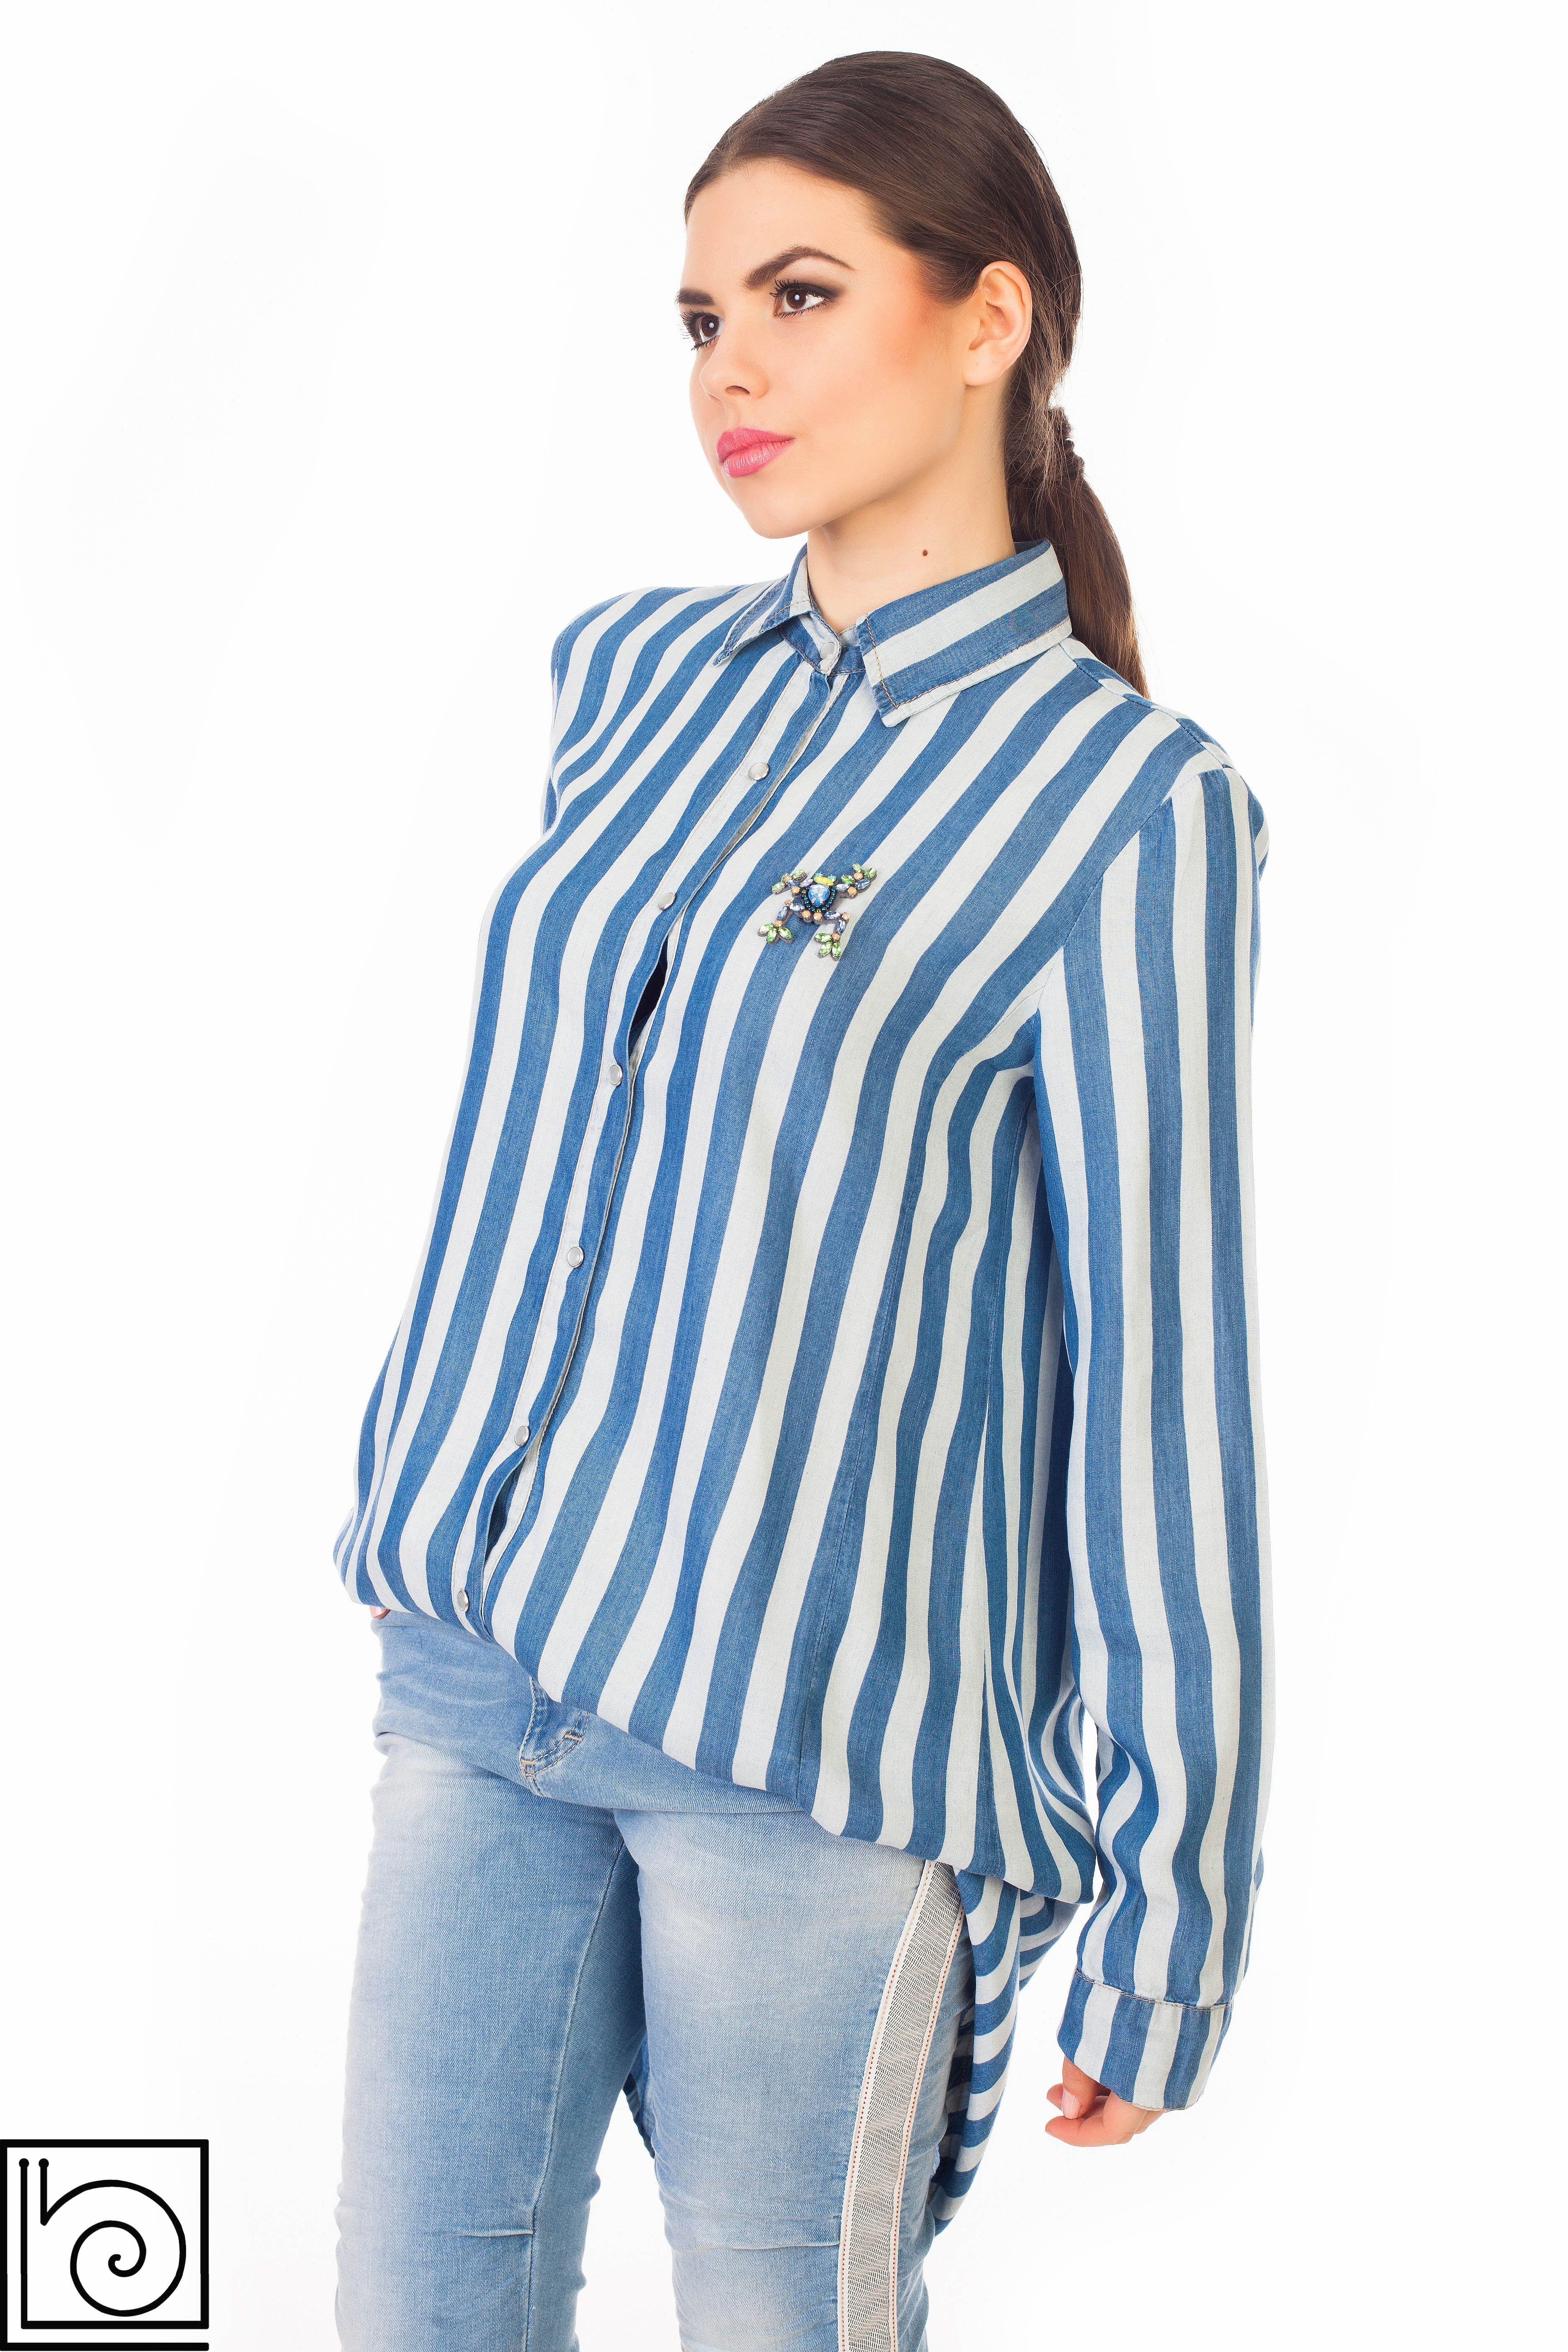 b81e58ac9e3 Женская рубашка с длинным рукавом в голубо-синюю полоску. Спереди на  кнопках. Длинная